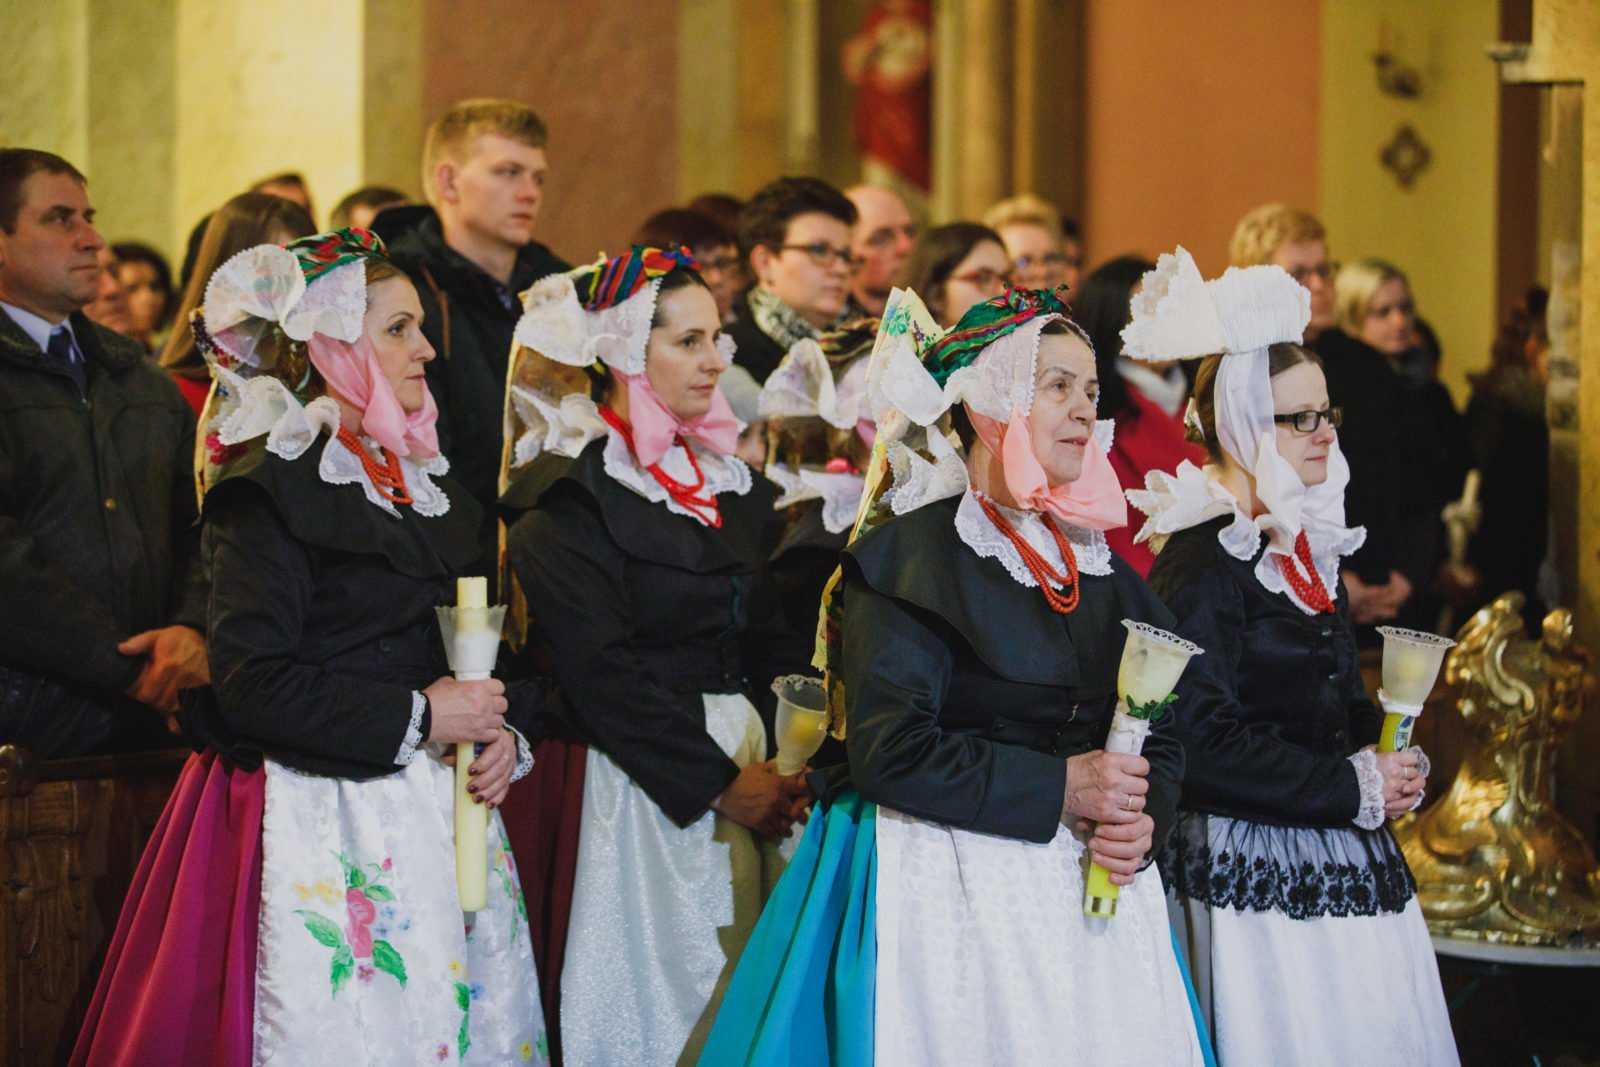 Wielka Sobota - Krobia 2018